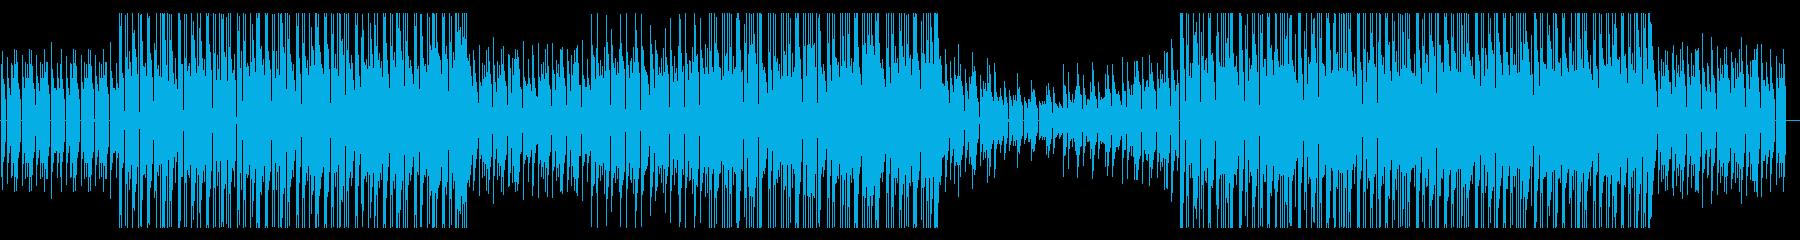 ピアノループが印象的なインストの再生済みの波形